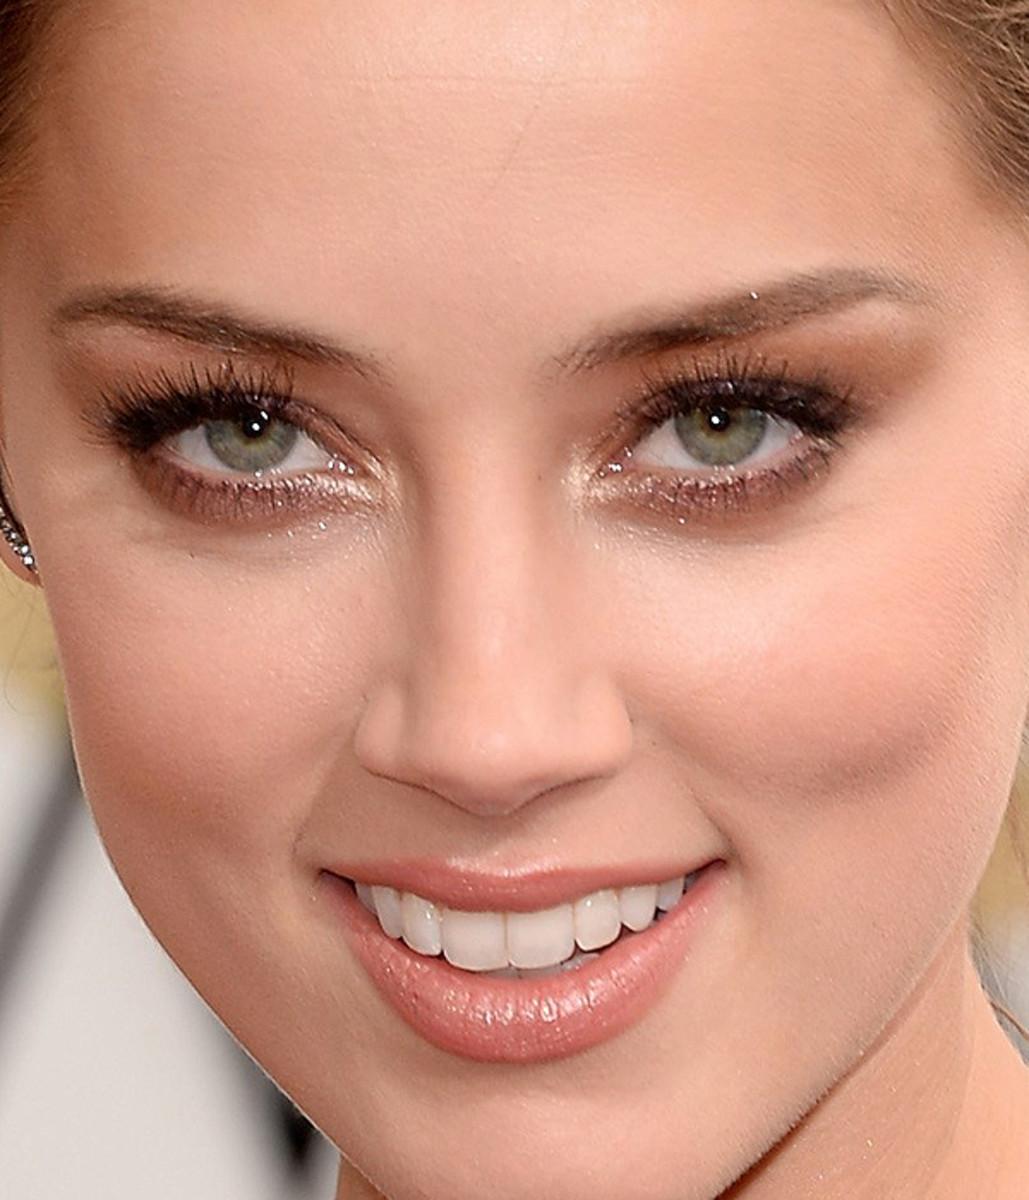 Amber Heard, Golden Globes Awards, 2014 (2)